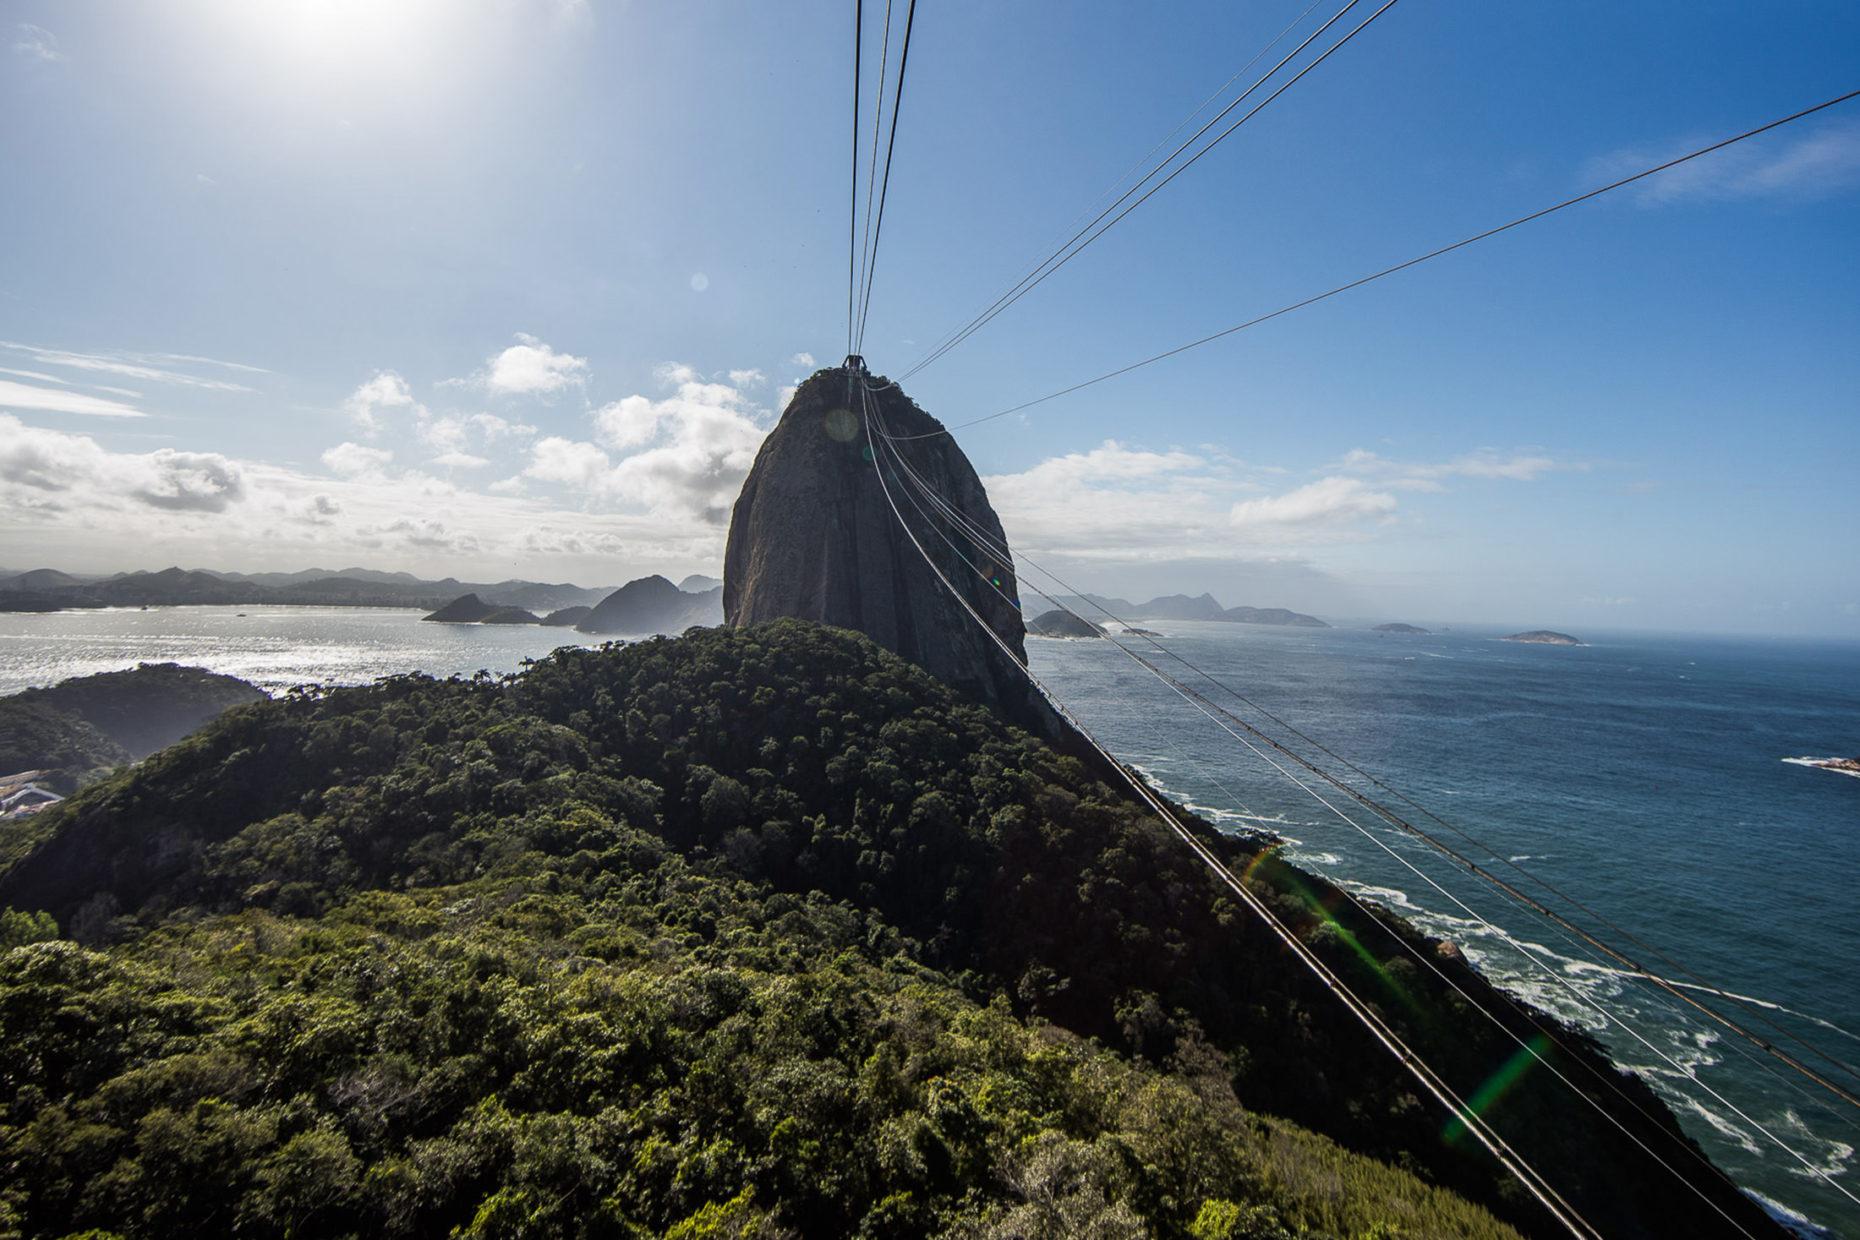 Hahnertwins Rio de Janeiro Olympia